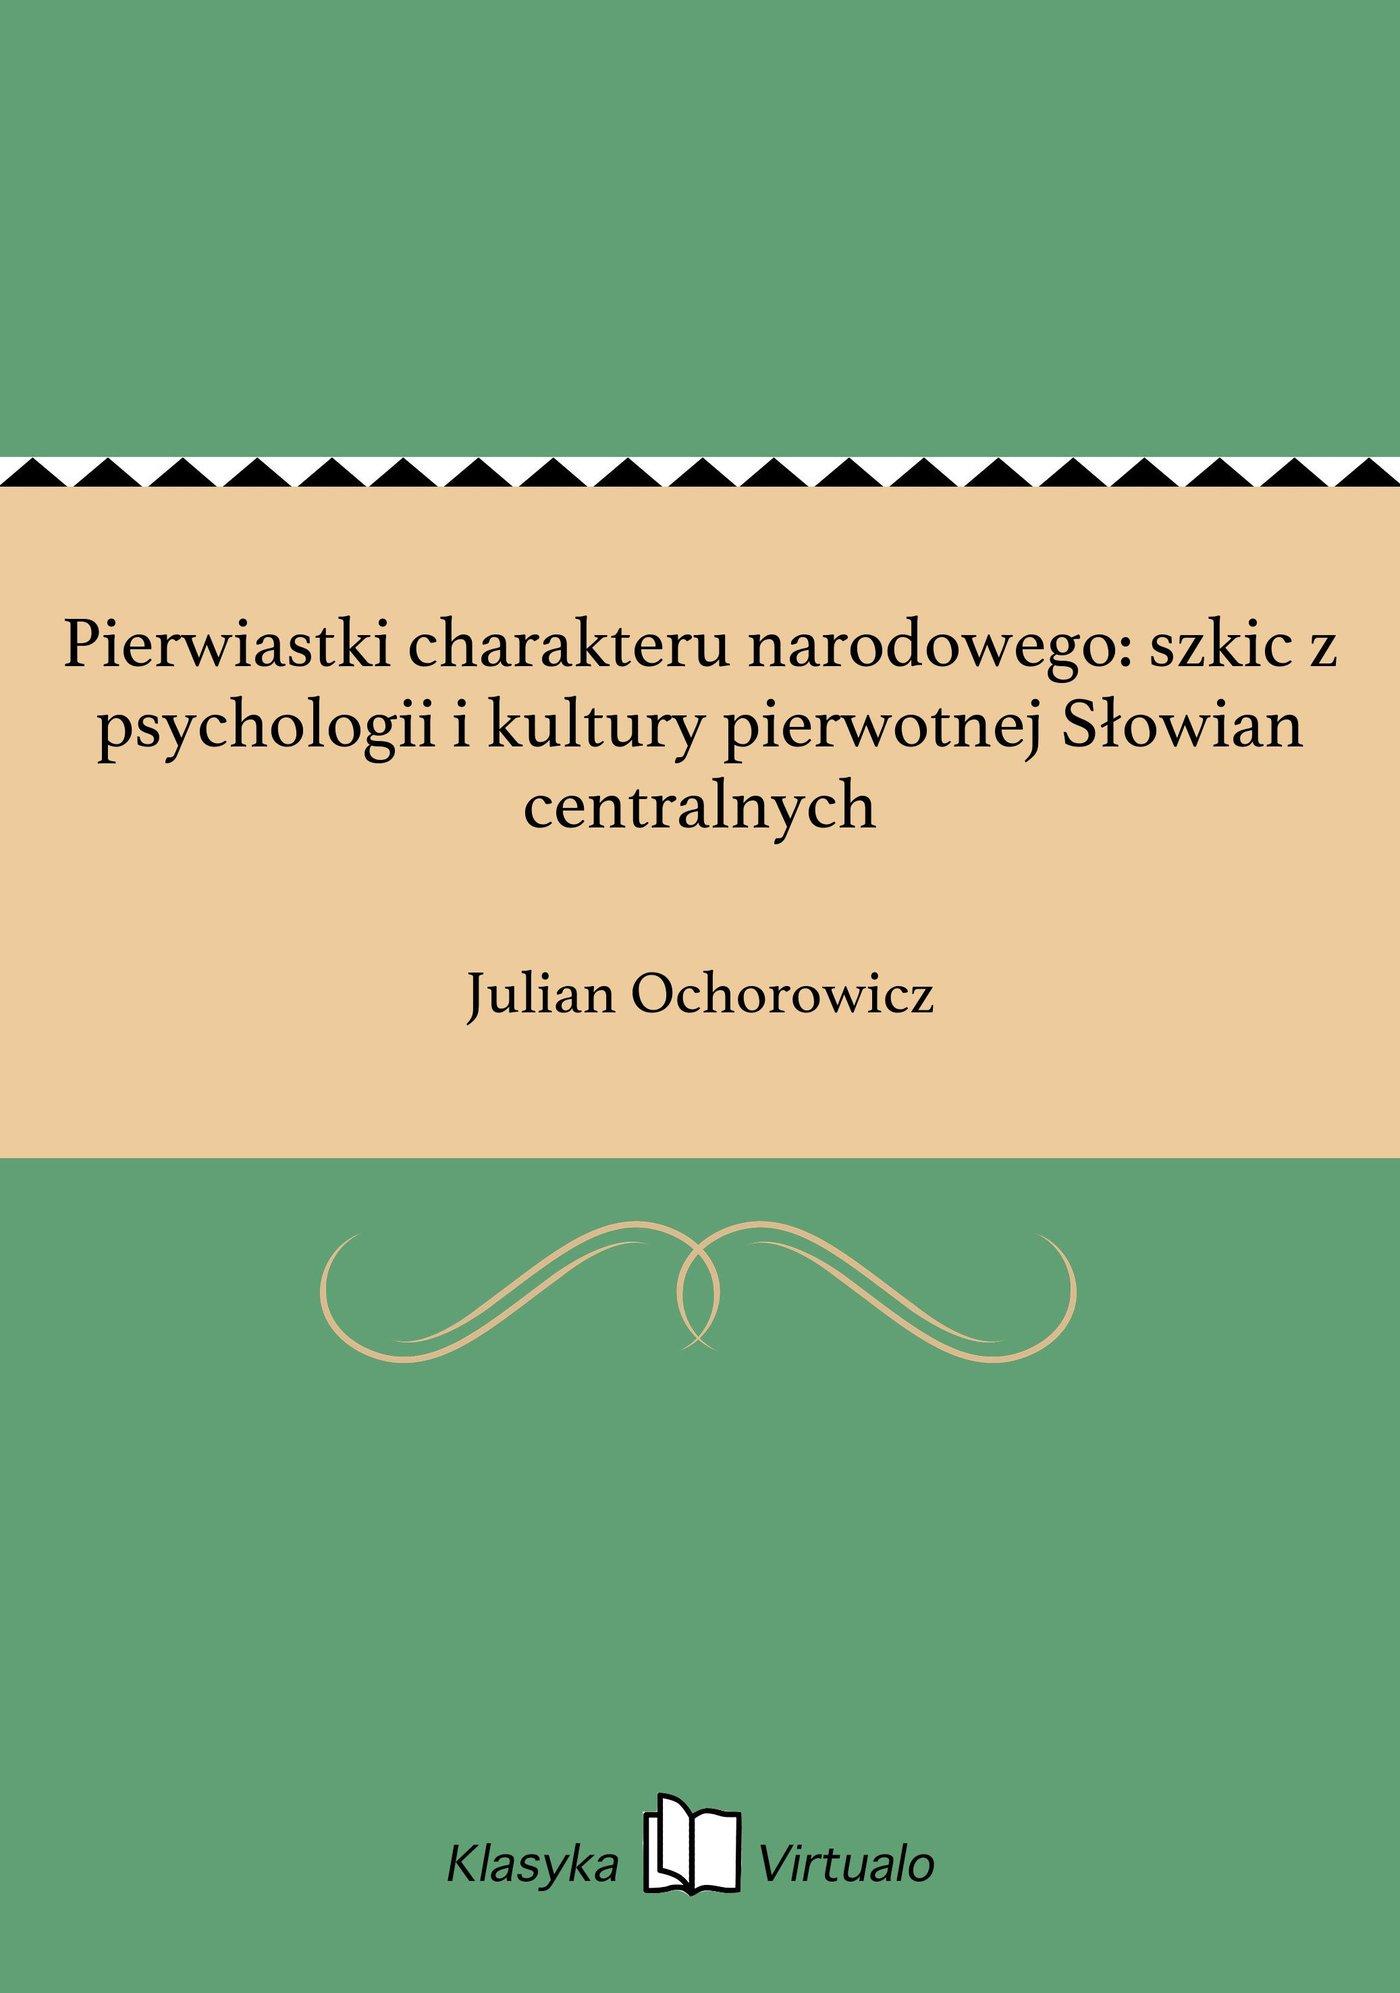 Pierwiastki charakteru narodowego: szkic z psychologii i kultury pierwotnej Słowian centralnych - Ebook (Książka EPUB) do pobrania w formacie EPUB